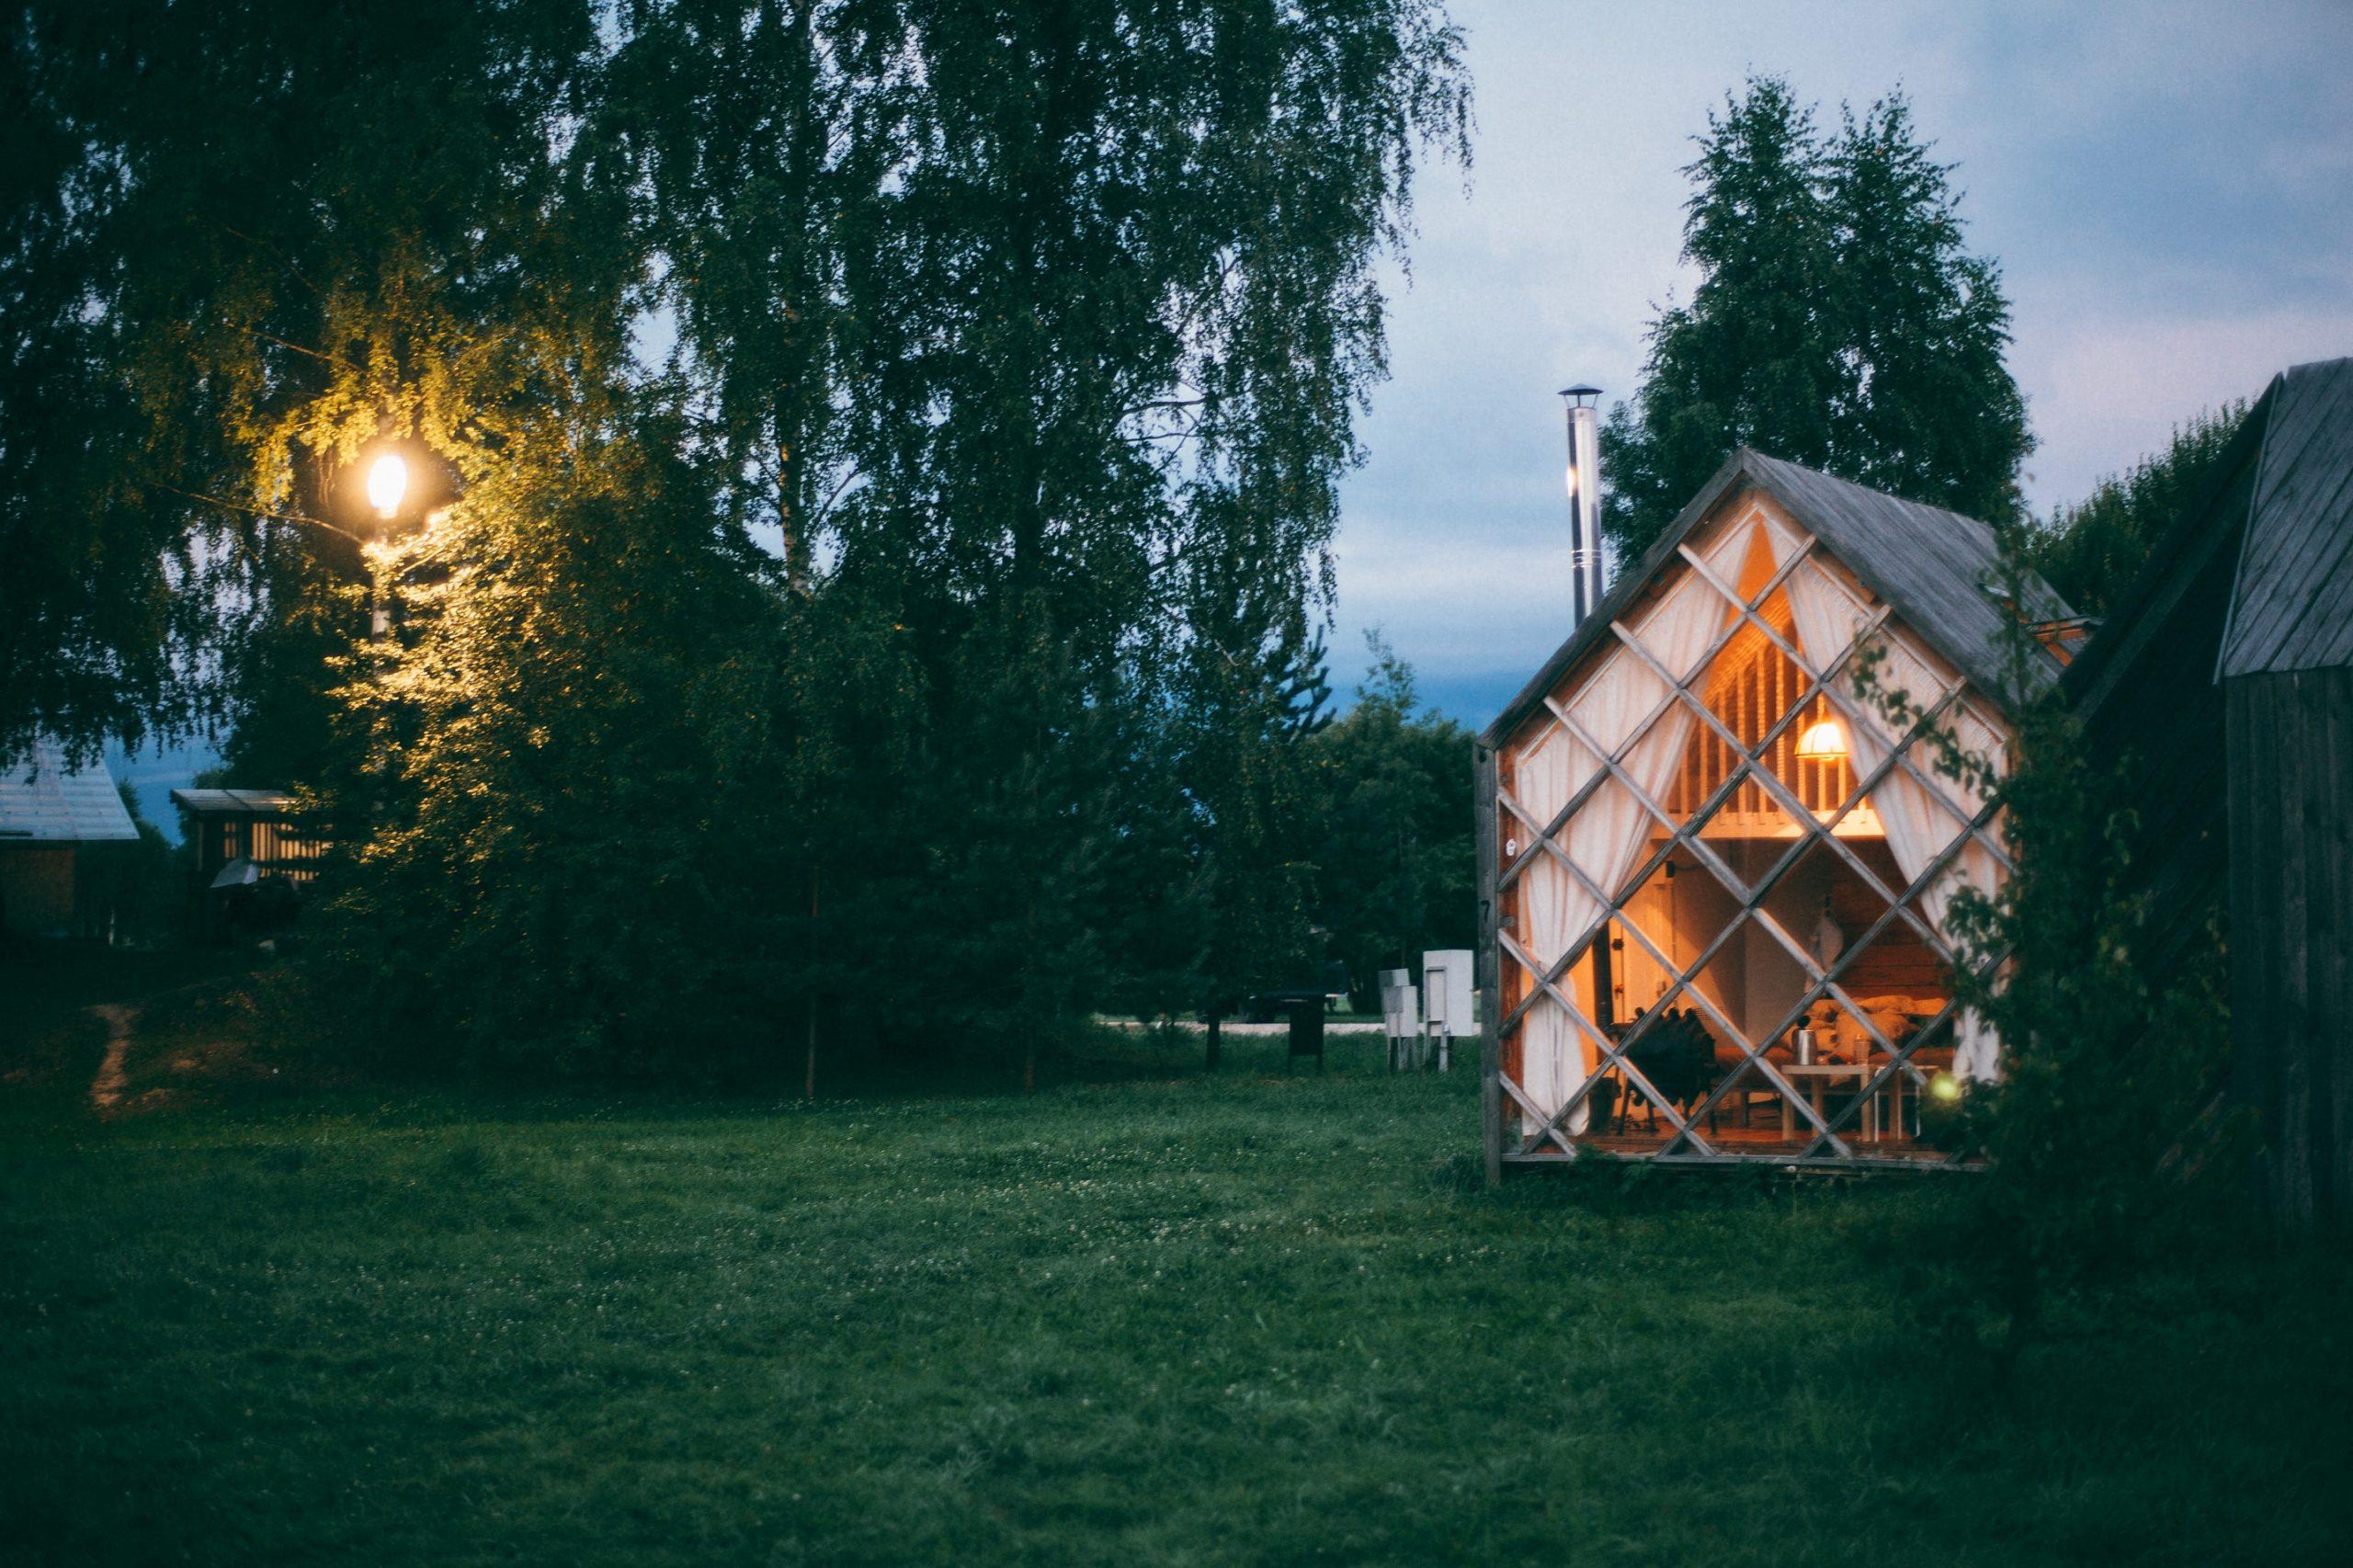 Opslagruimte huren bij een verbouwing tiny house